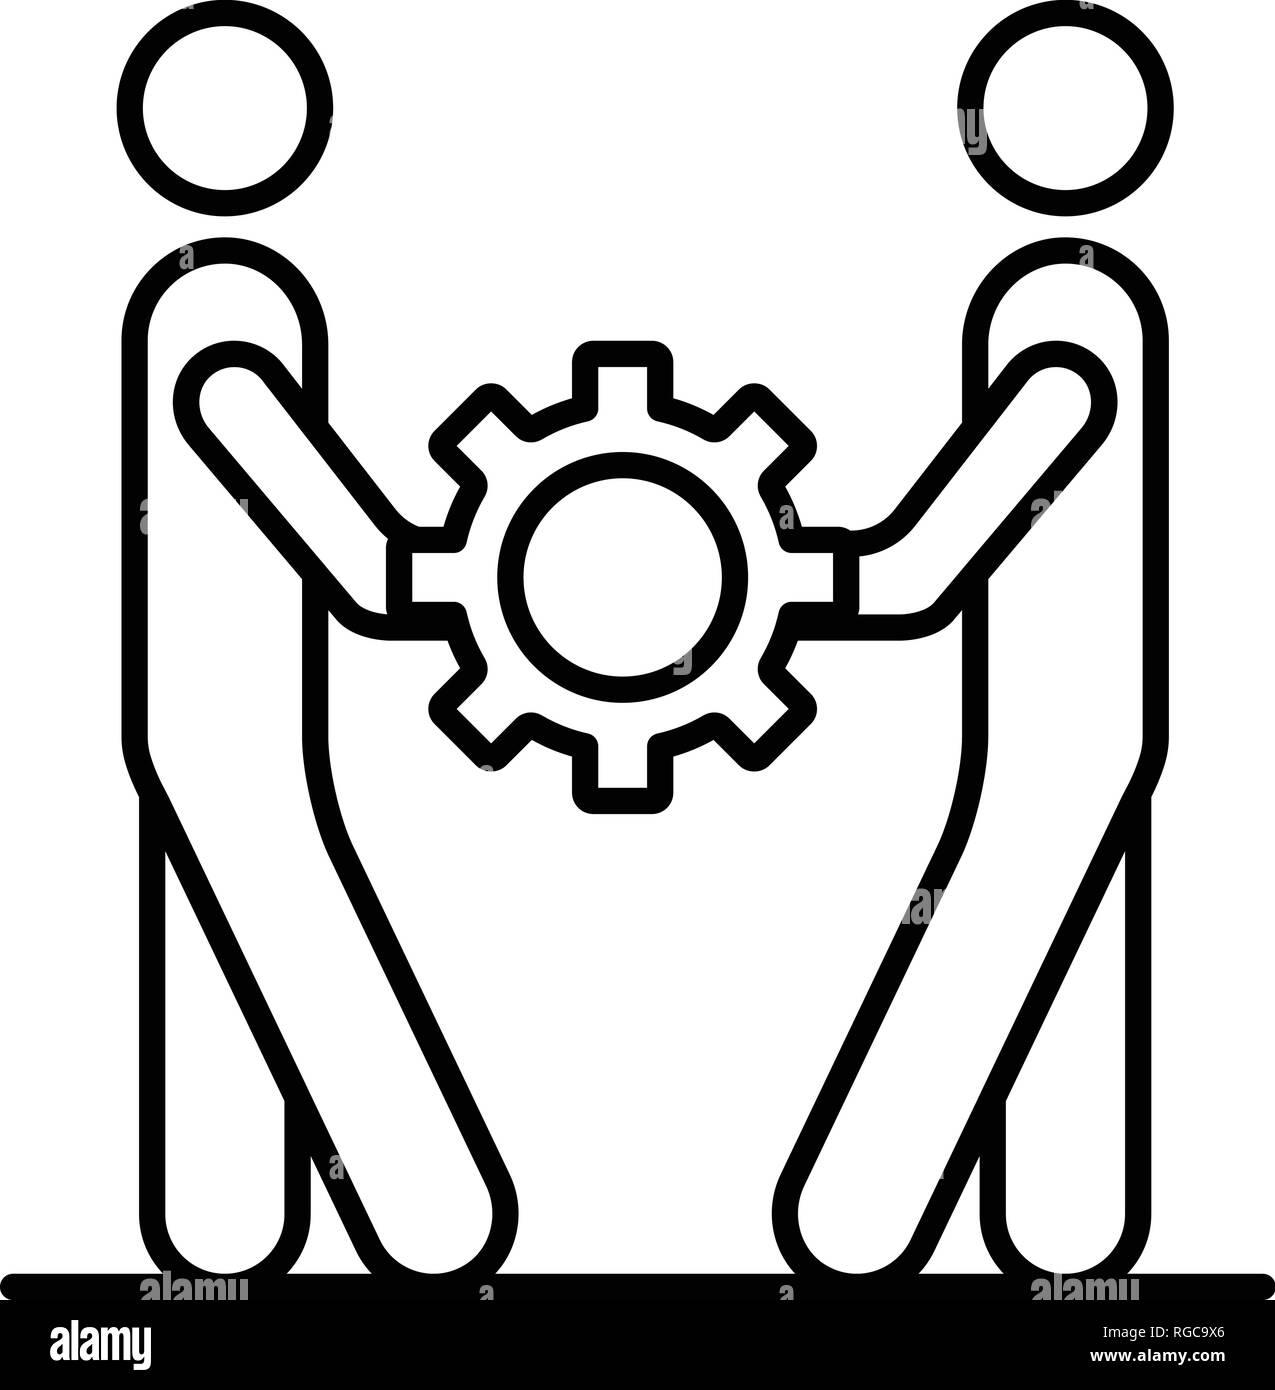 Menschen Zusammenhalt Symbol Outline Style Vektor Abbildung Bild